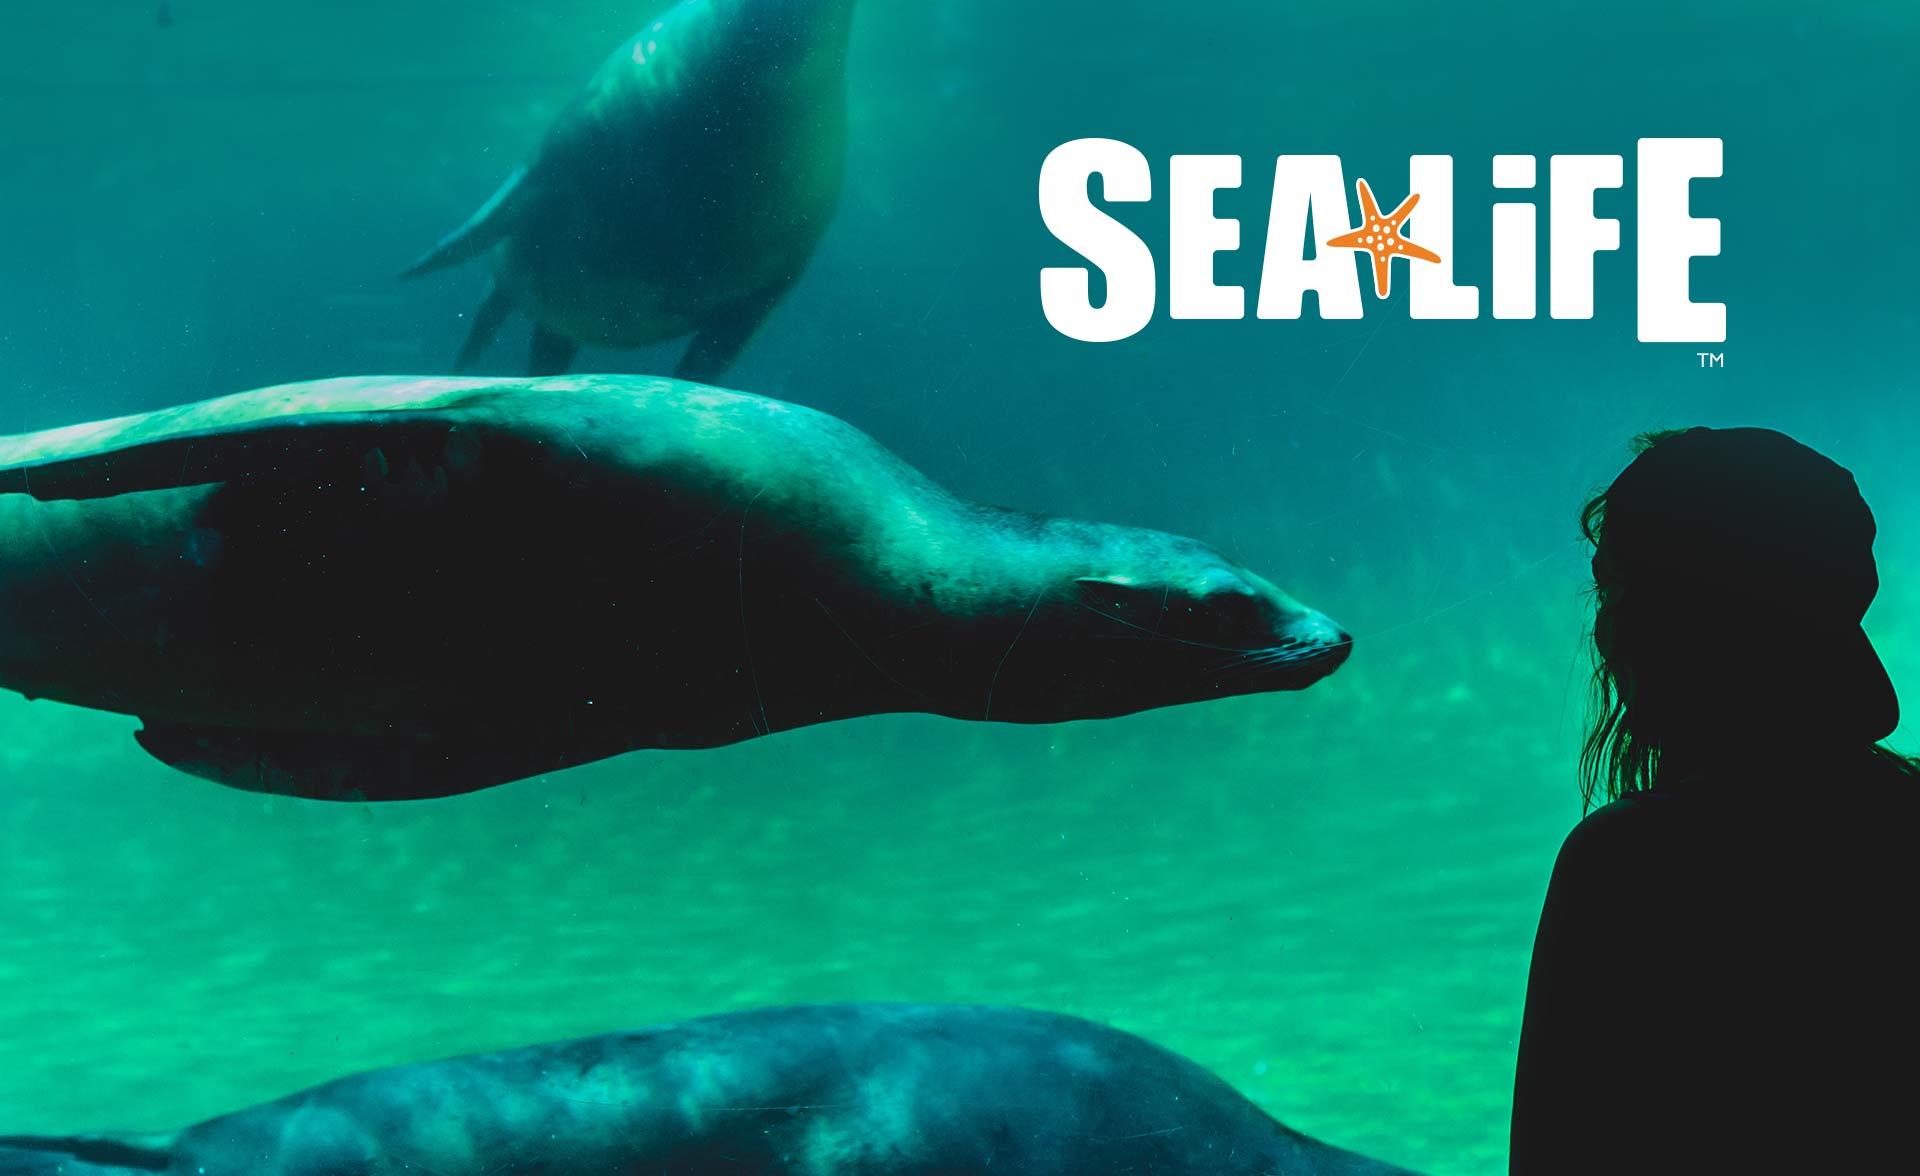 sealife-graphic-design-artwork2